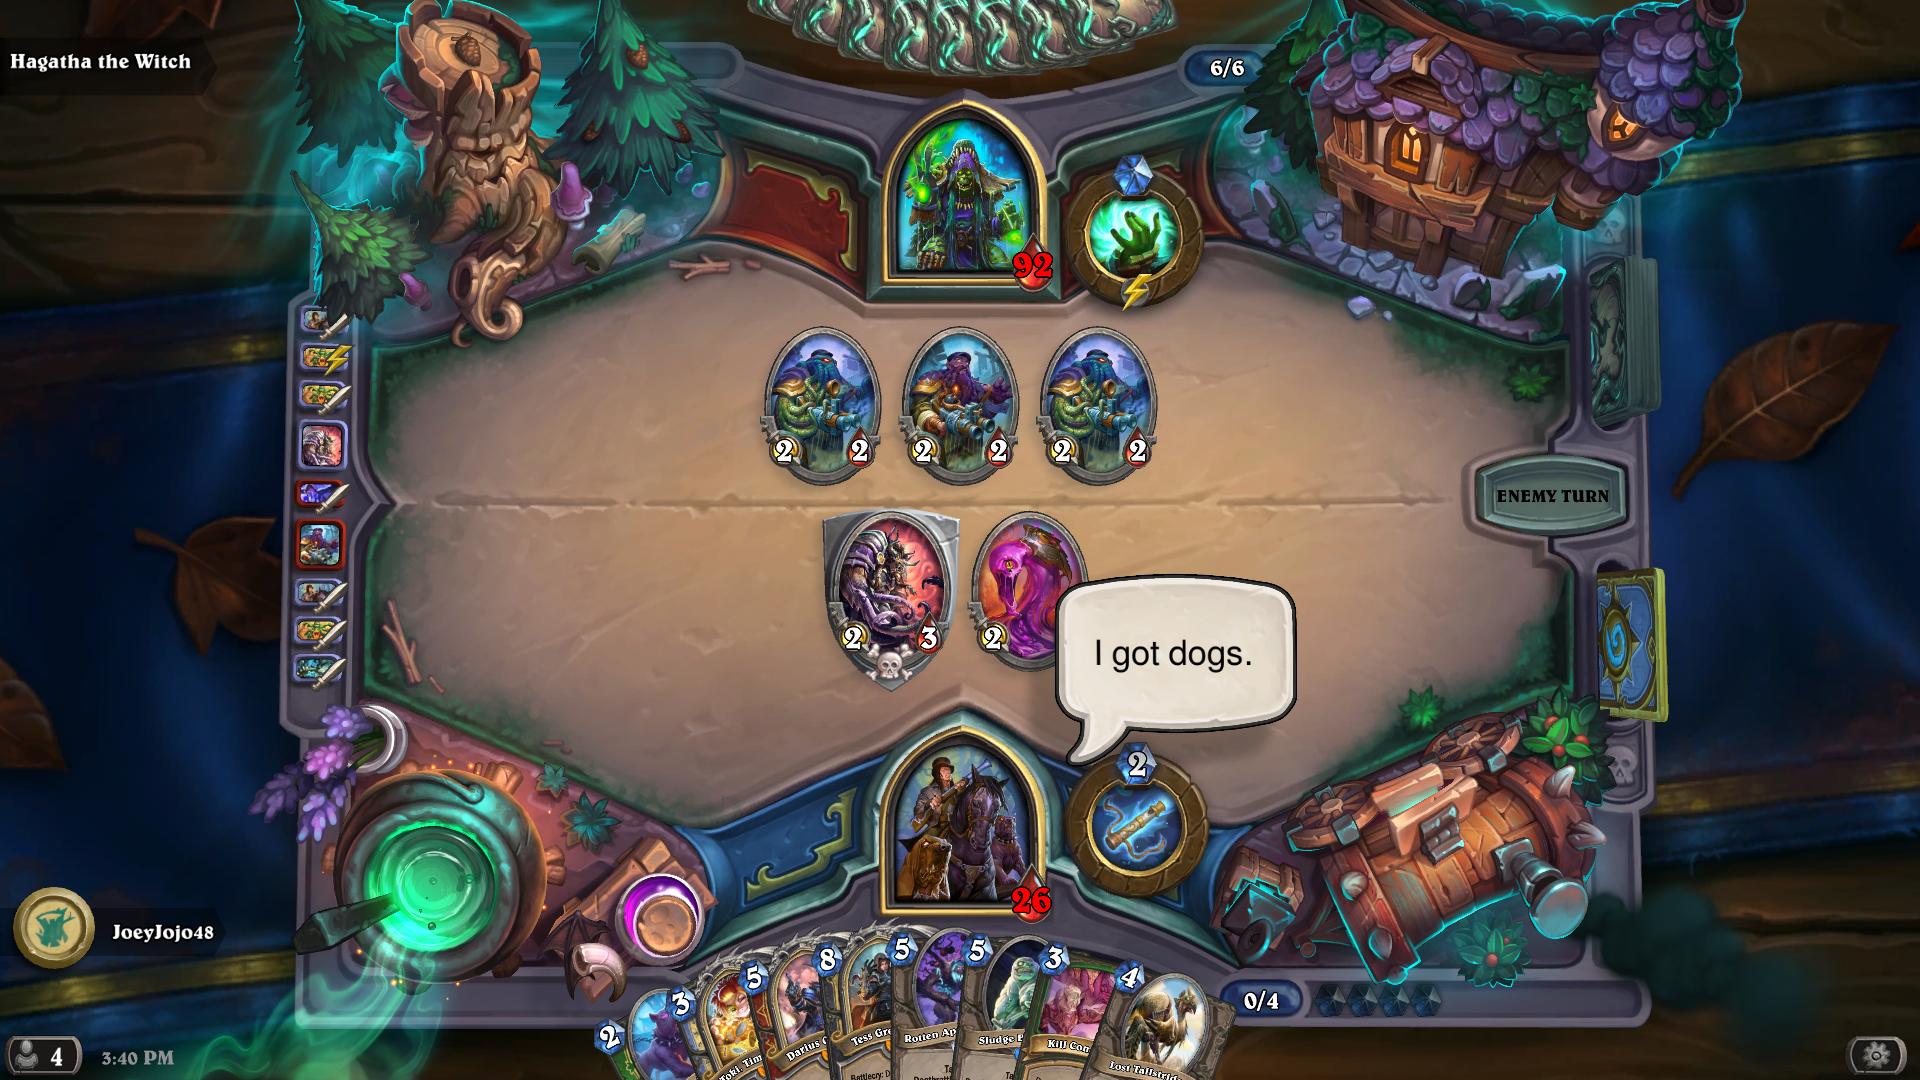 Get wrecked by doggos, Hagatha!